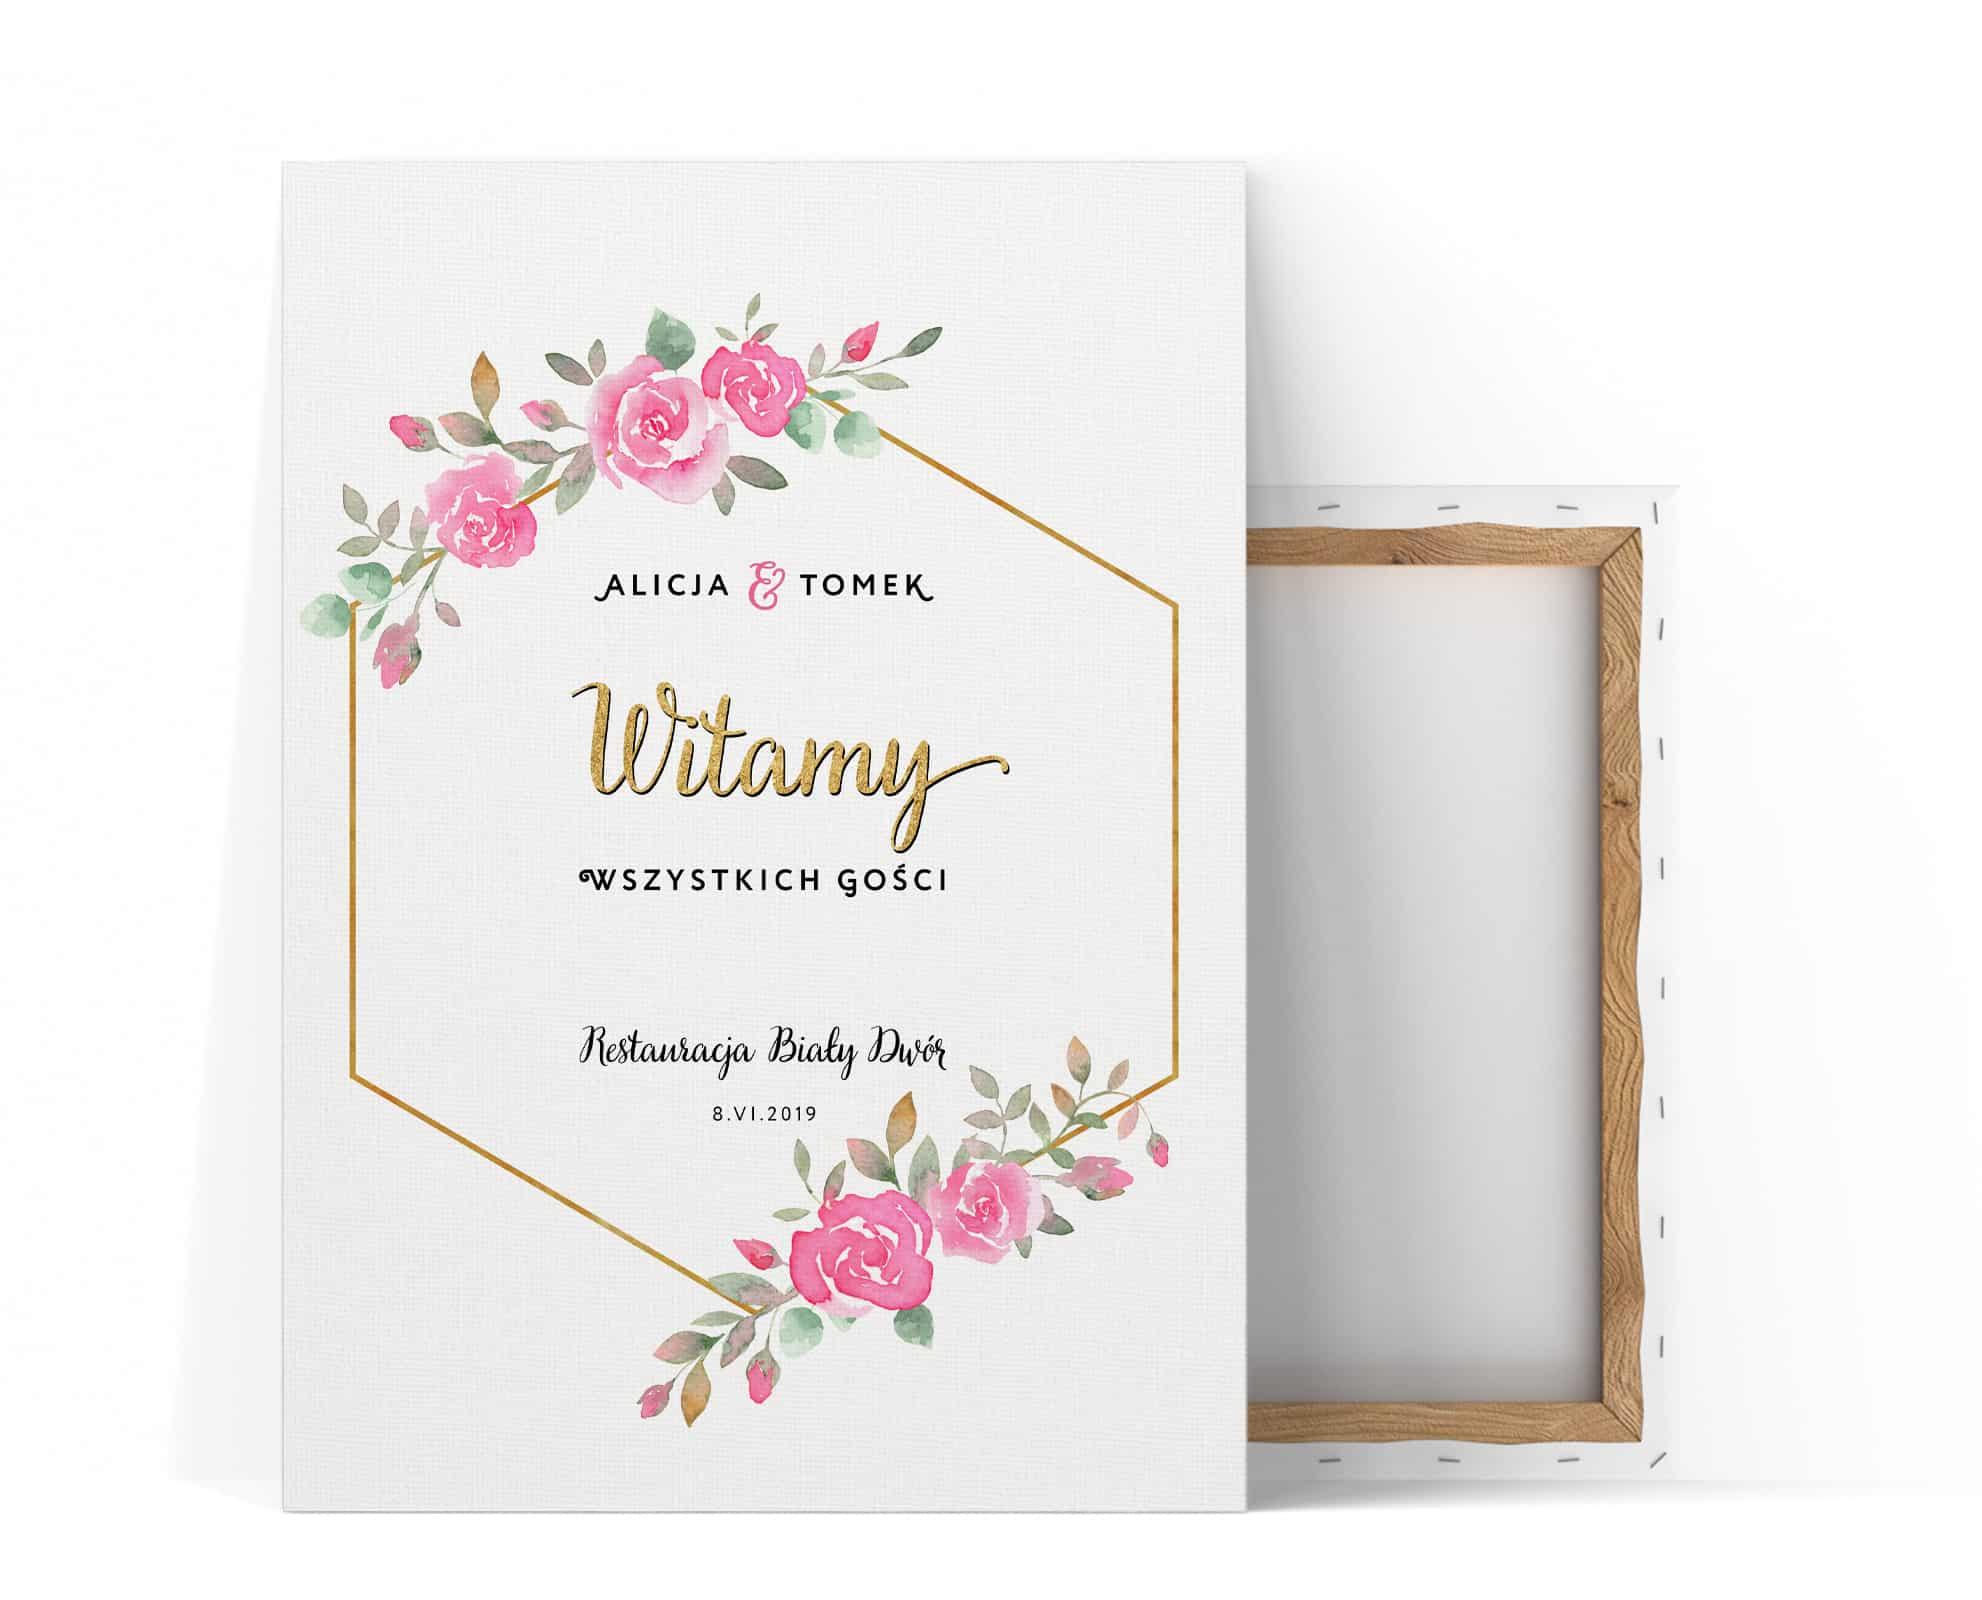 Tablica powitalna na wesele z motywem róż i złoty napisem